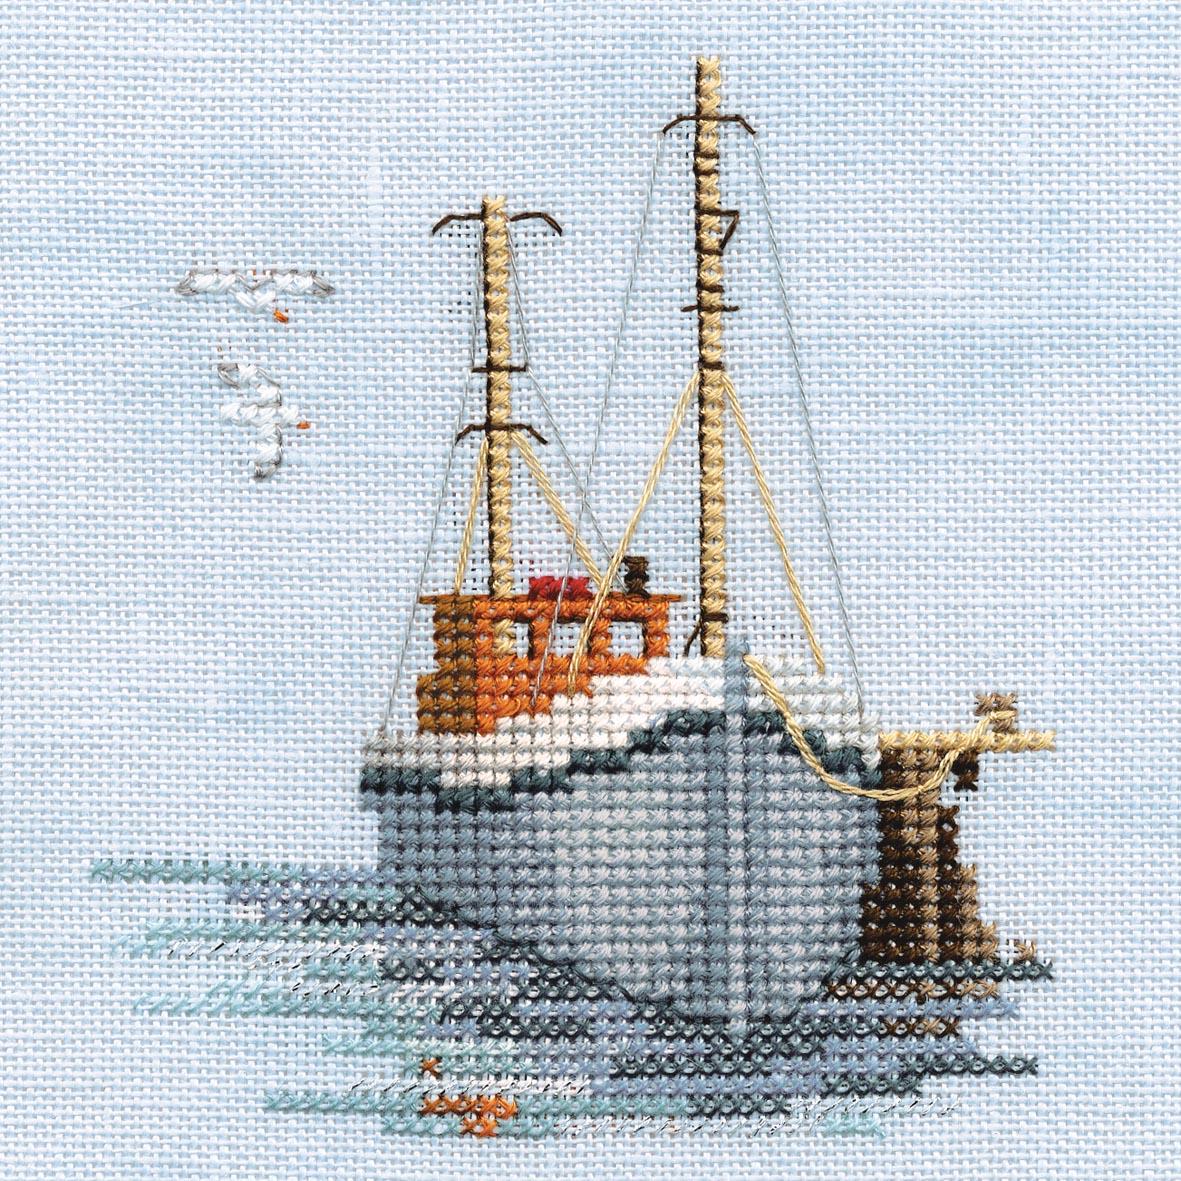 〔Derwentwater Designs〕 刺繍キット DW-MIN02